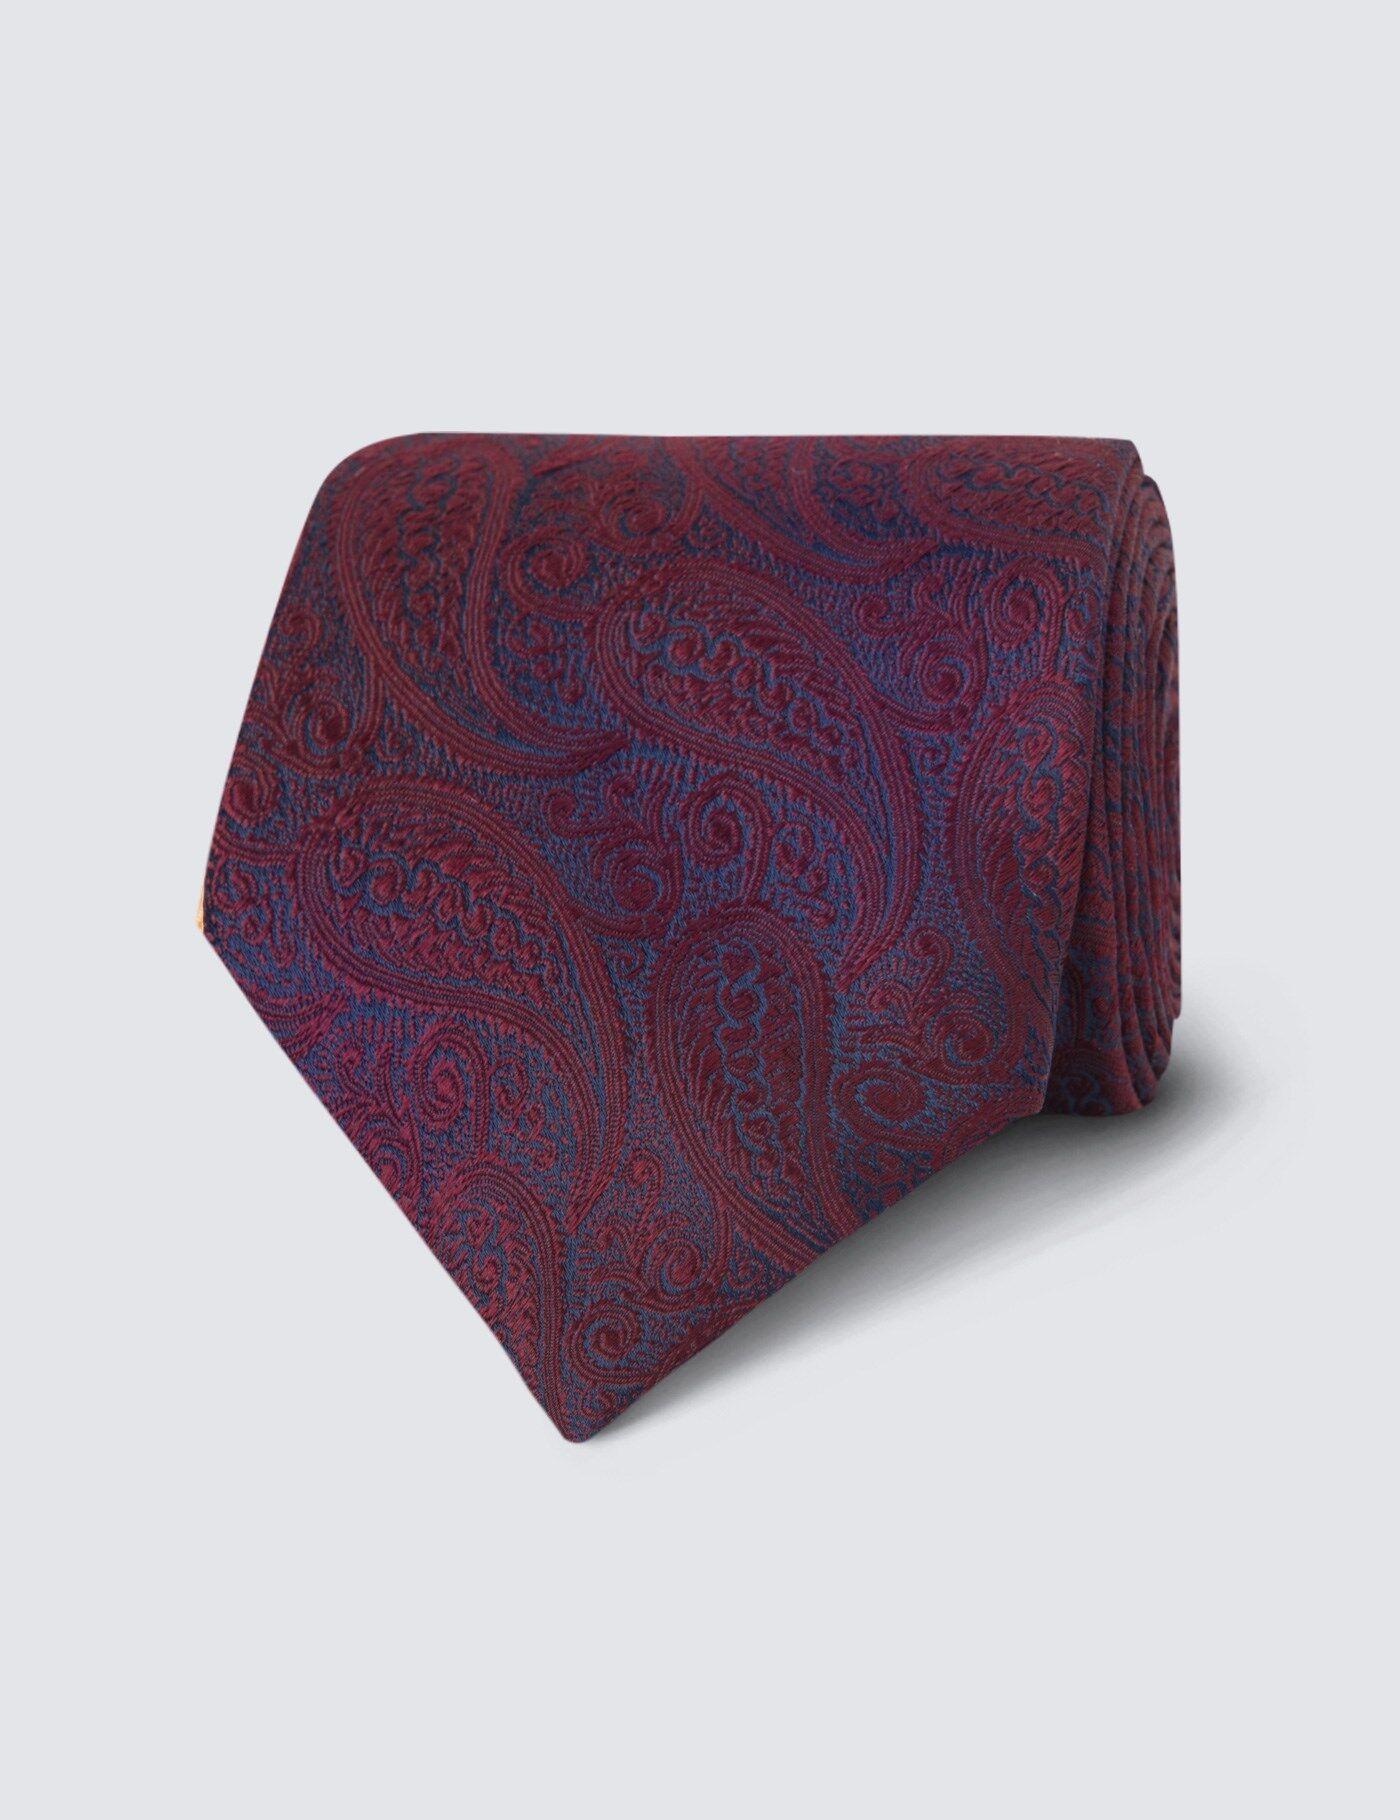 Hawes & Curtis Men's Luxury Paisley Tie in Burgundy 100% Silk